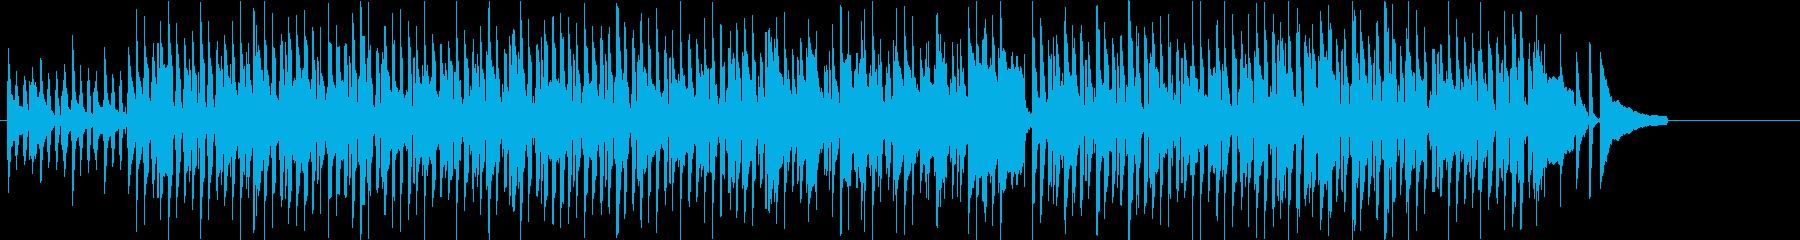 ピアノとトランペットのポップなBGMの再生済みの波形